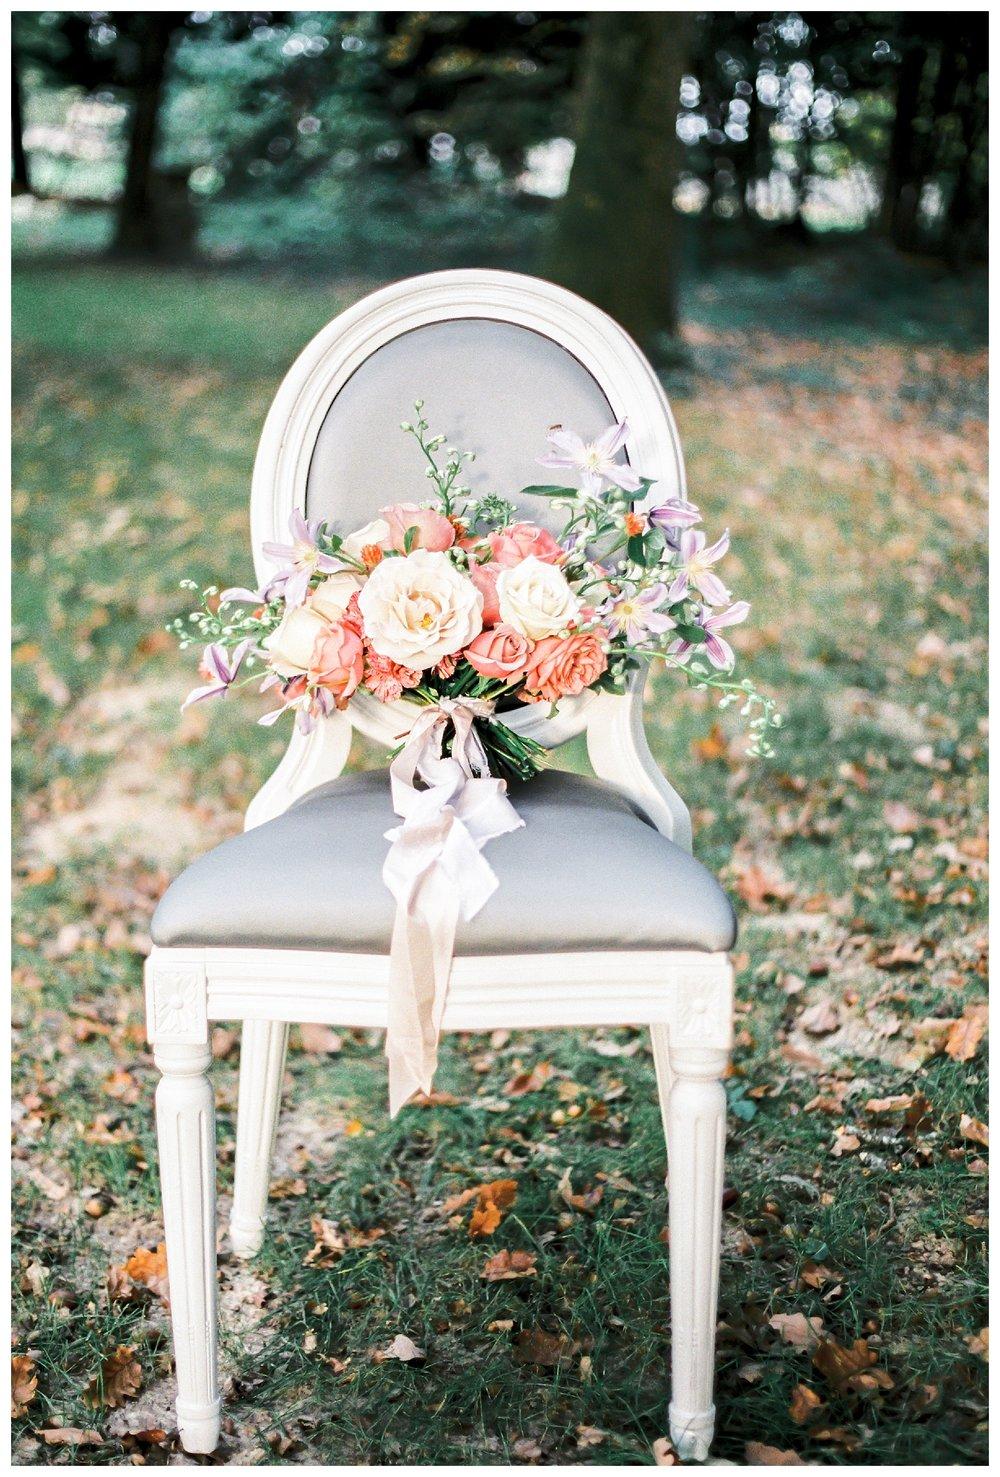 Florals by Floresie - Jacqueline Anne Photography - Nova Scotia Wedding Photographer